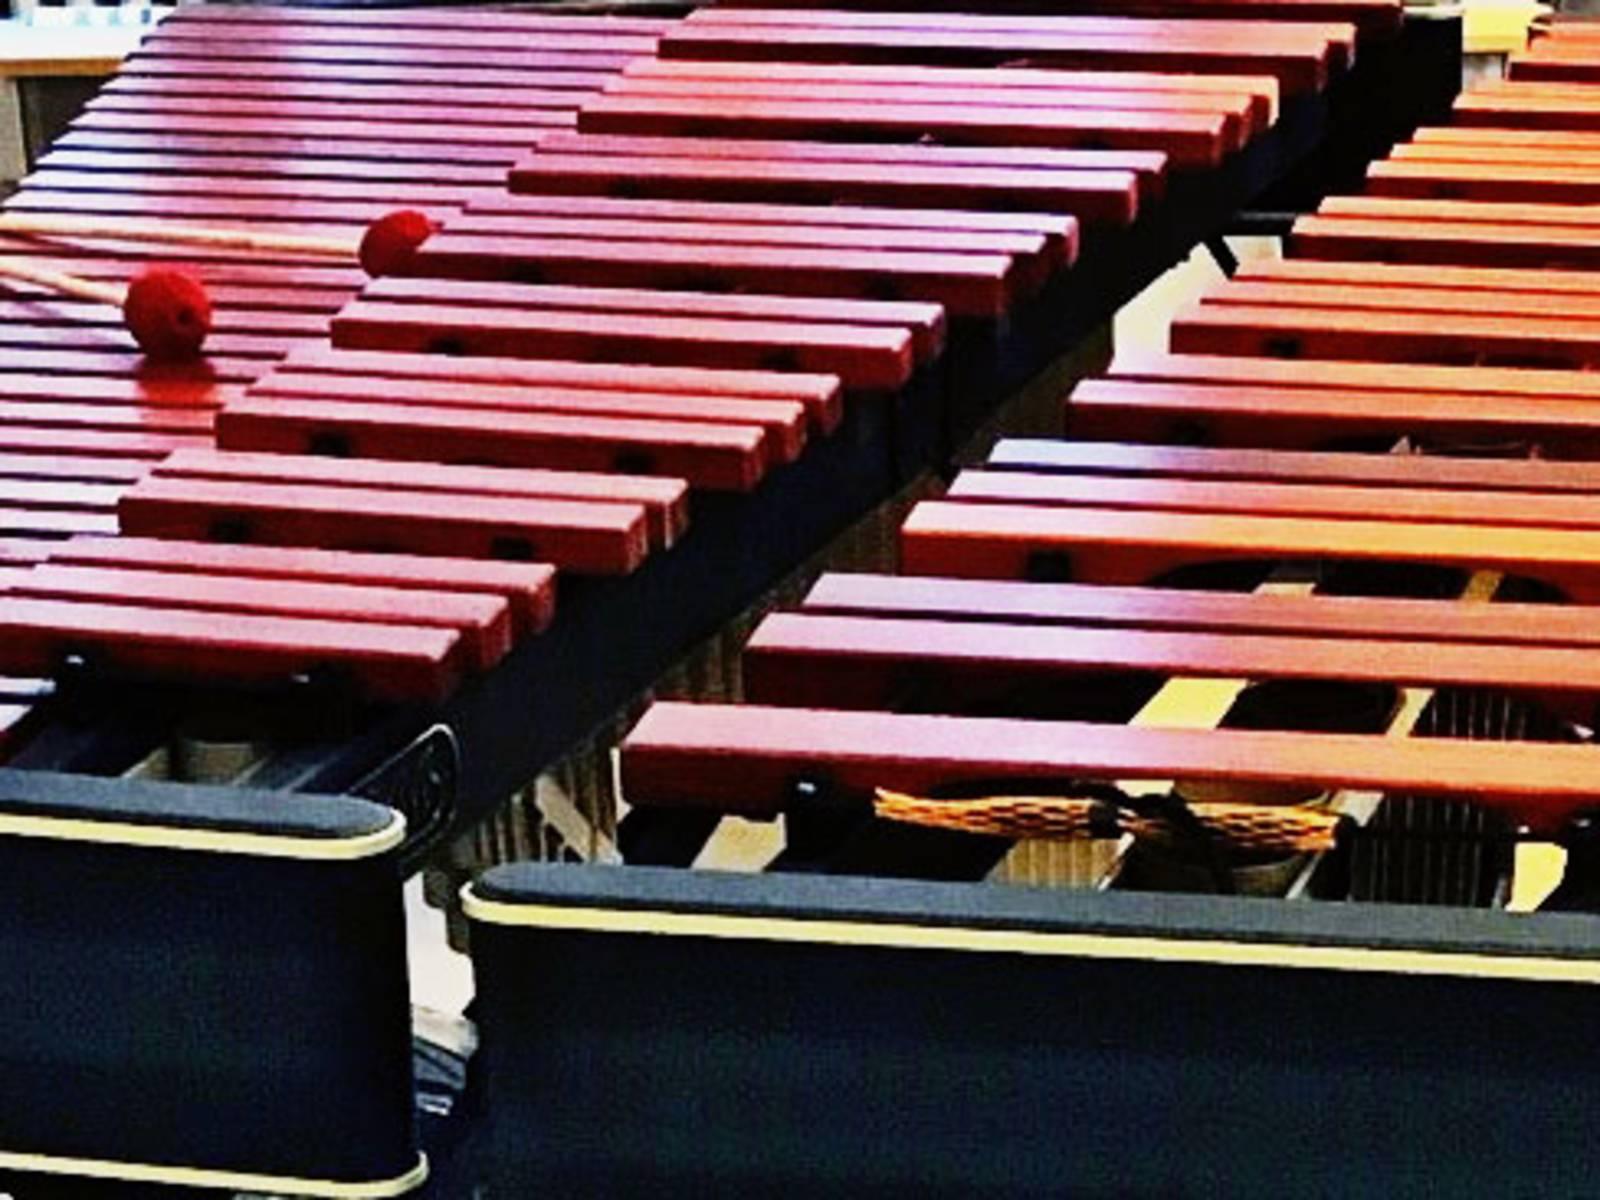 Die Marimba gehört zur Familie der Holz-Schlagstabspiele.